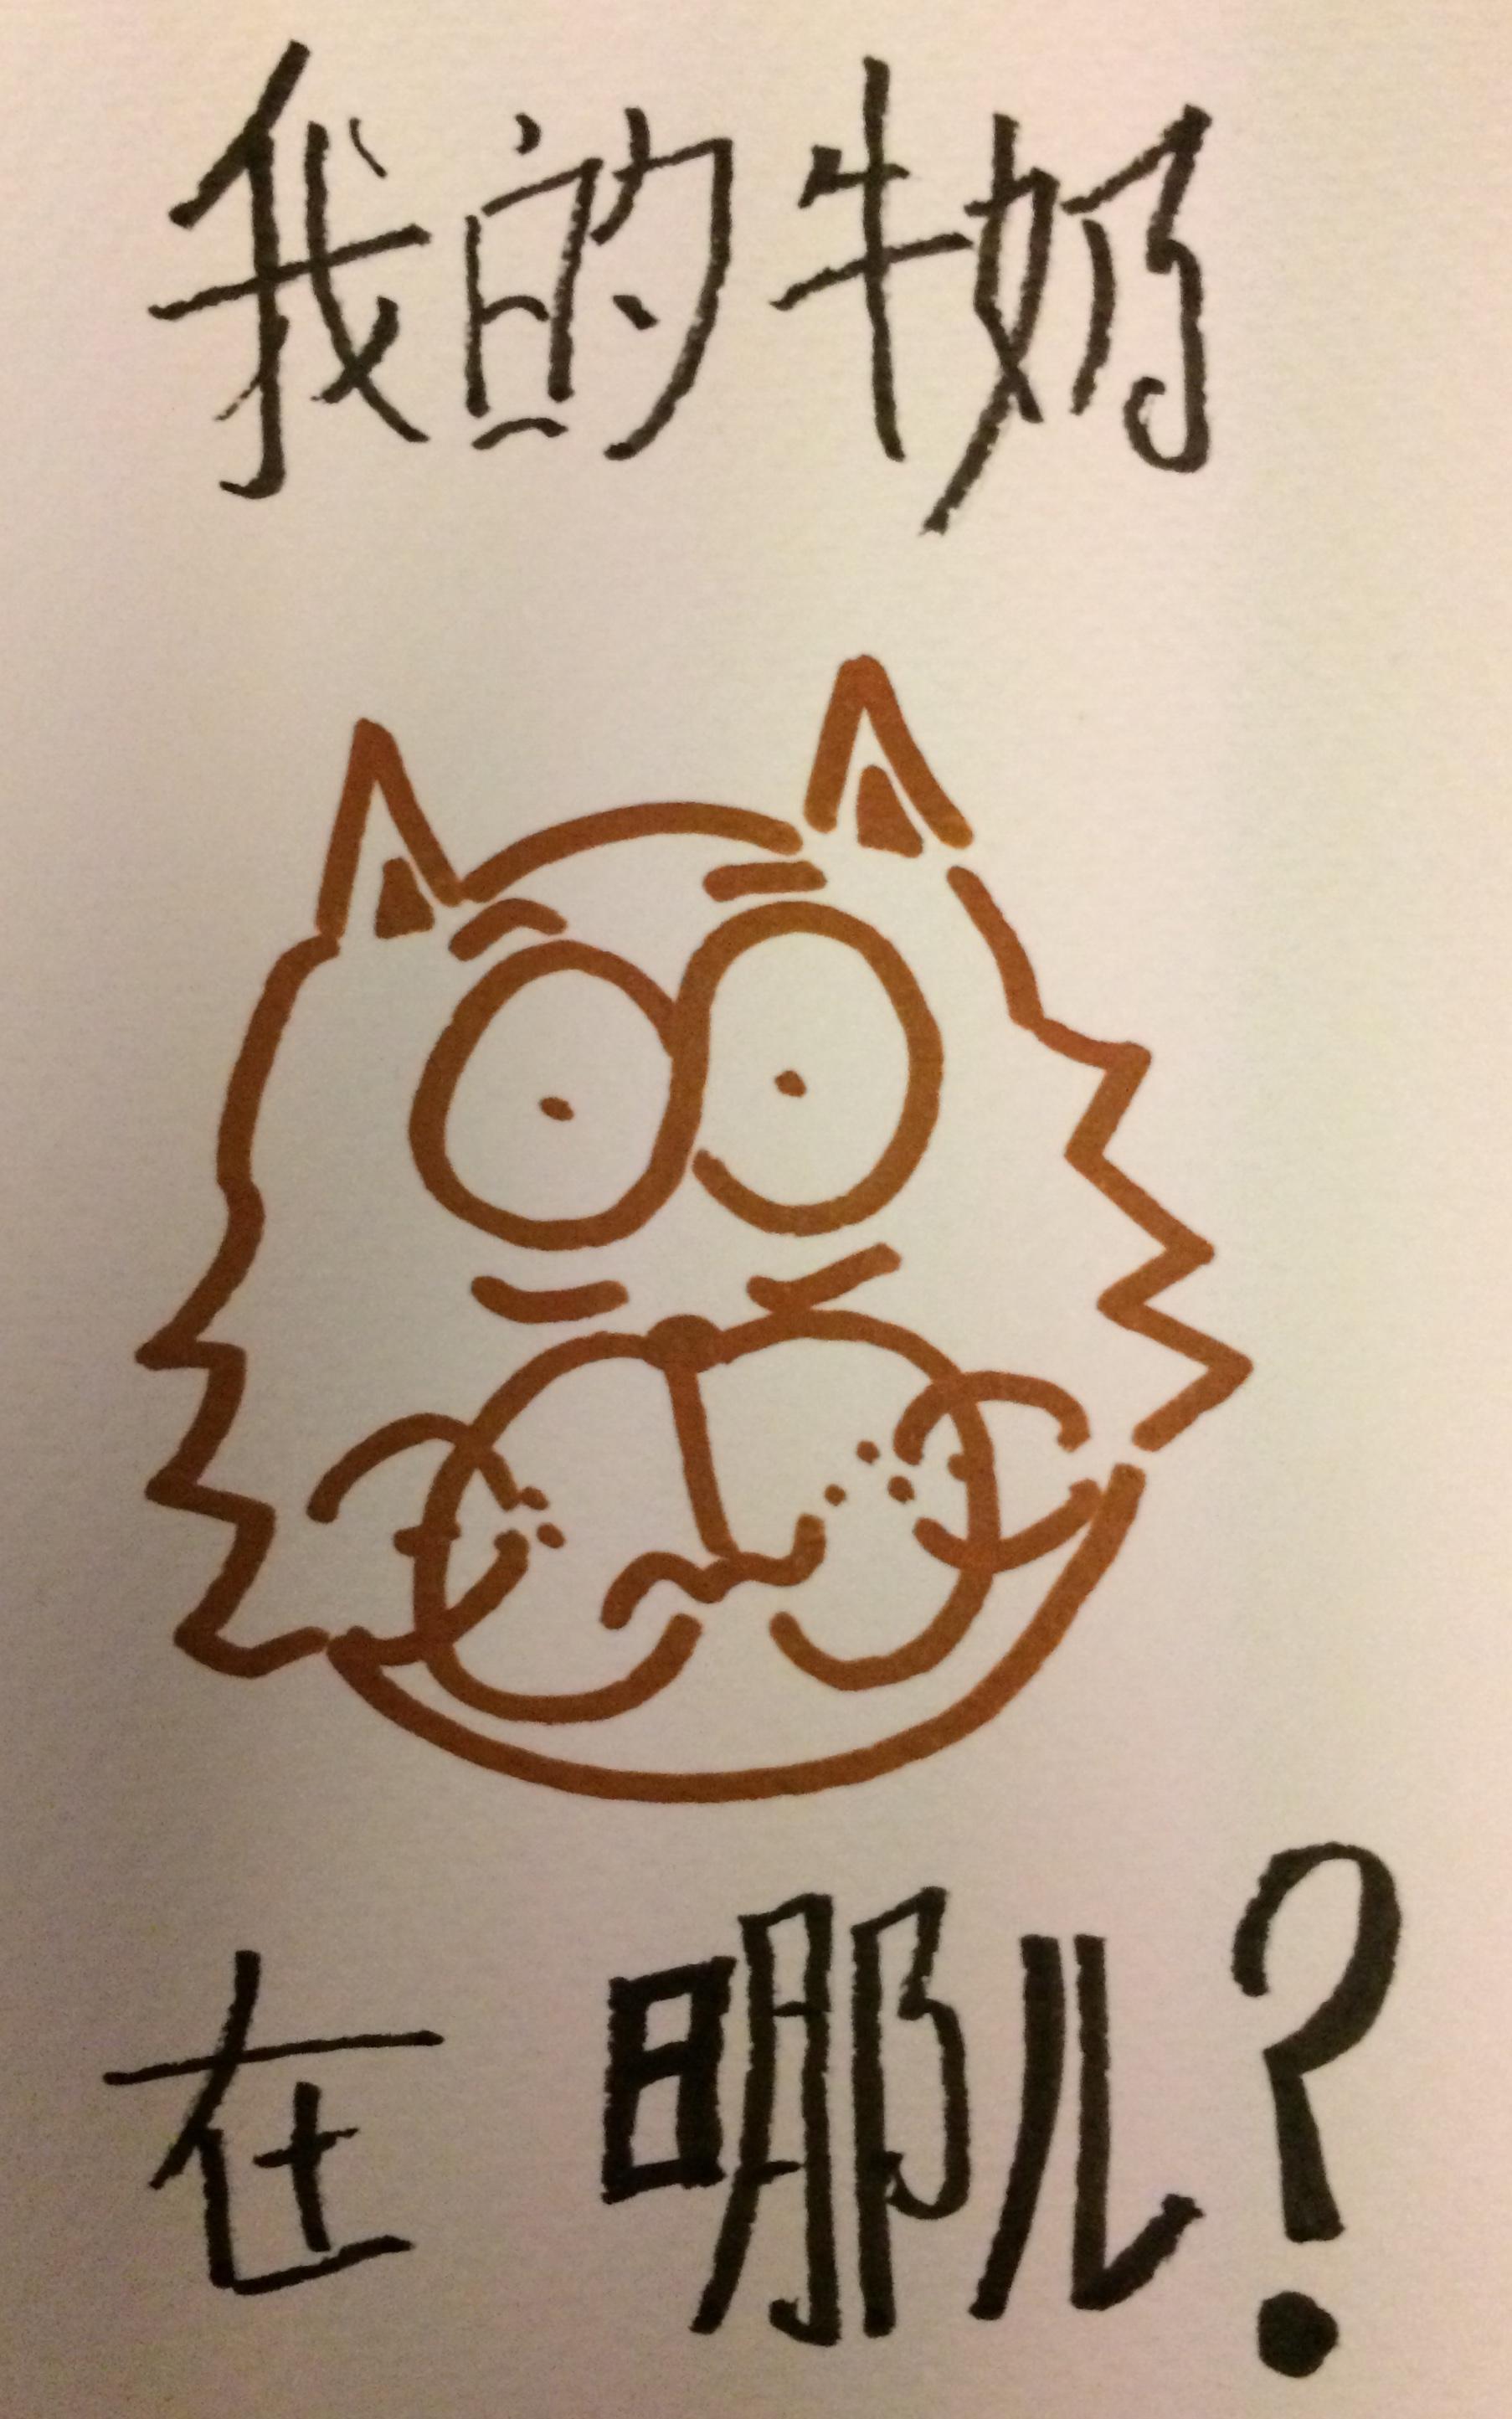 我的牛奶在哪儿 かわいい ドイツ語 仔猫 描く コミックス comics kitten kätzchen drawing ink